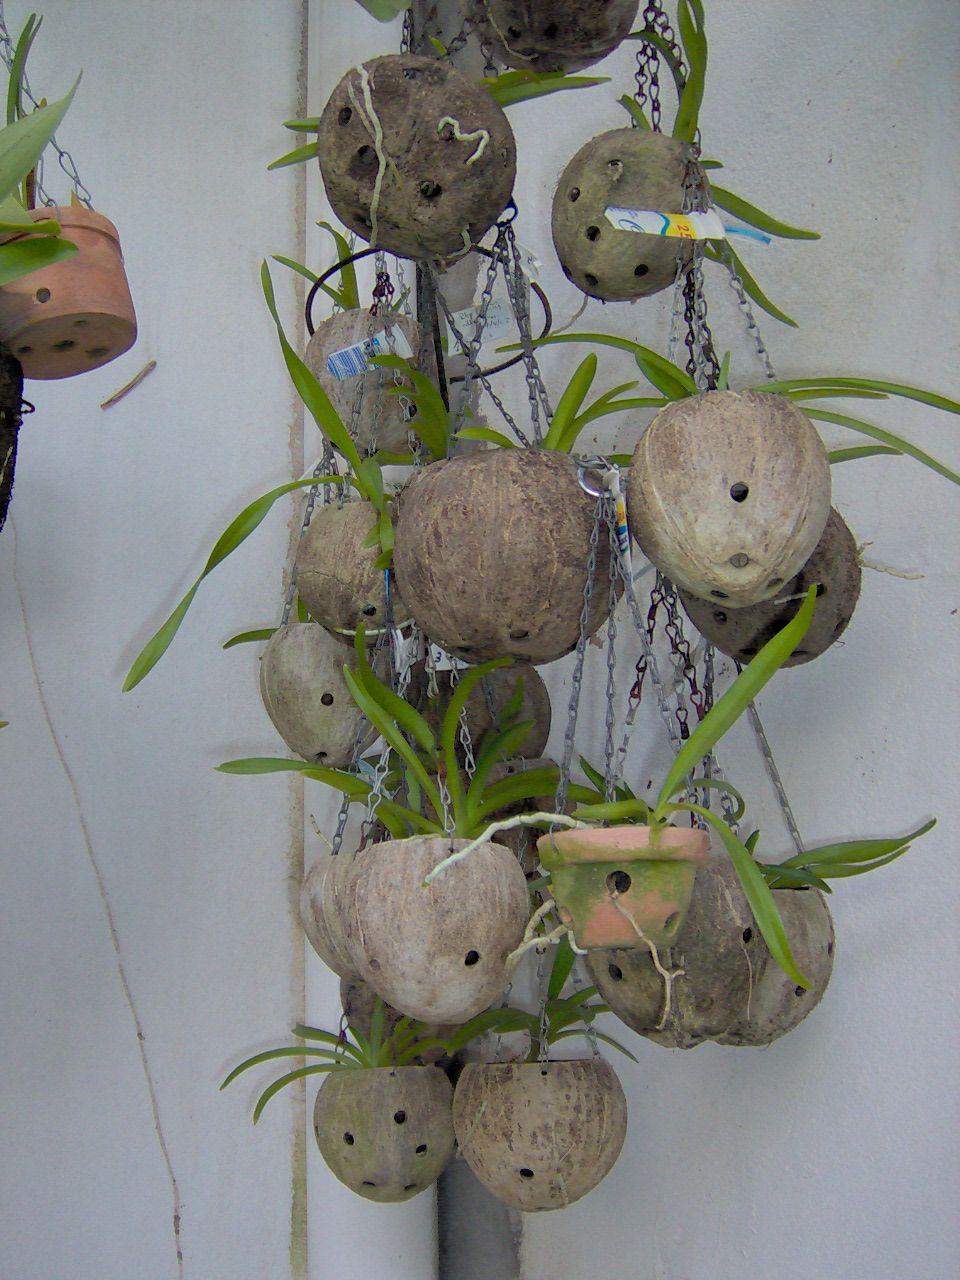 Cultivo de orqu deas sobre c scara de coco infojardin for Cuidados orquideas interior